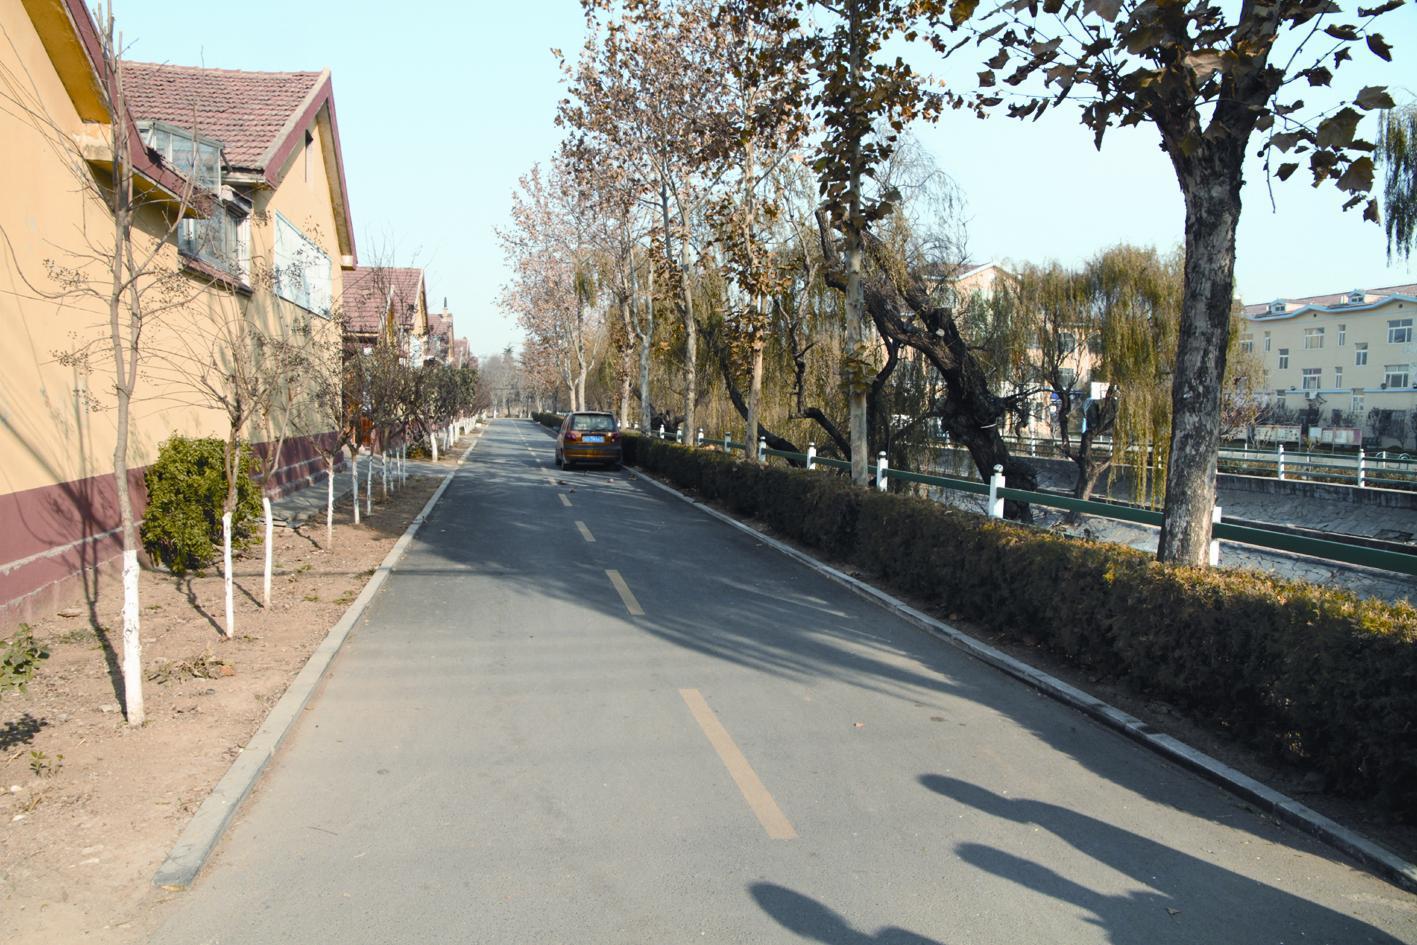 美丽乡村是颜值,文明家园是气质,郝家村从来都是内外兼修。 今年以来,郝家村以建设美丽乡村为契机,将有限的资金用在与民生息息相关的建设项目上,投资100多万元,将村内所有街道和通往周边村的道路用柏油沥青罩面,并栽植绿化苗木、安装了高标准的路灯,实现了道路硬化、亮化、绿化、美化、净化的五化目标;将村庄房屋全部粉刷并绘制了文化墙。开展了环境综合整治和群众爱国卫生运动,垃圾清运处理及时,无垃圾乱倒、粪便乱堆、柴草乱放、黑臭水体、违法焚烧秸秆等现象存在,环境整洁优美,生态环境良好,群众满意度大幅度提高。